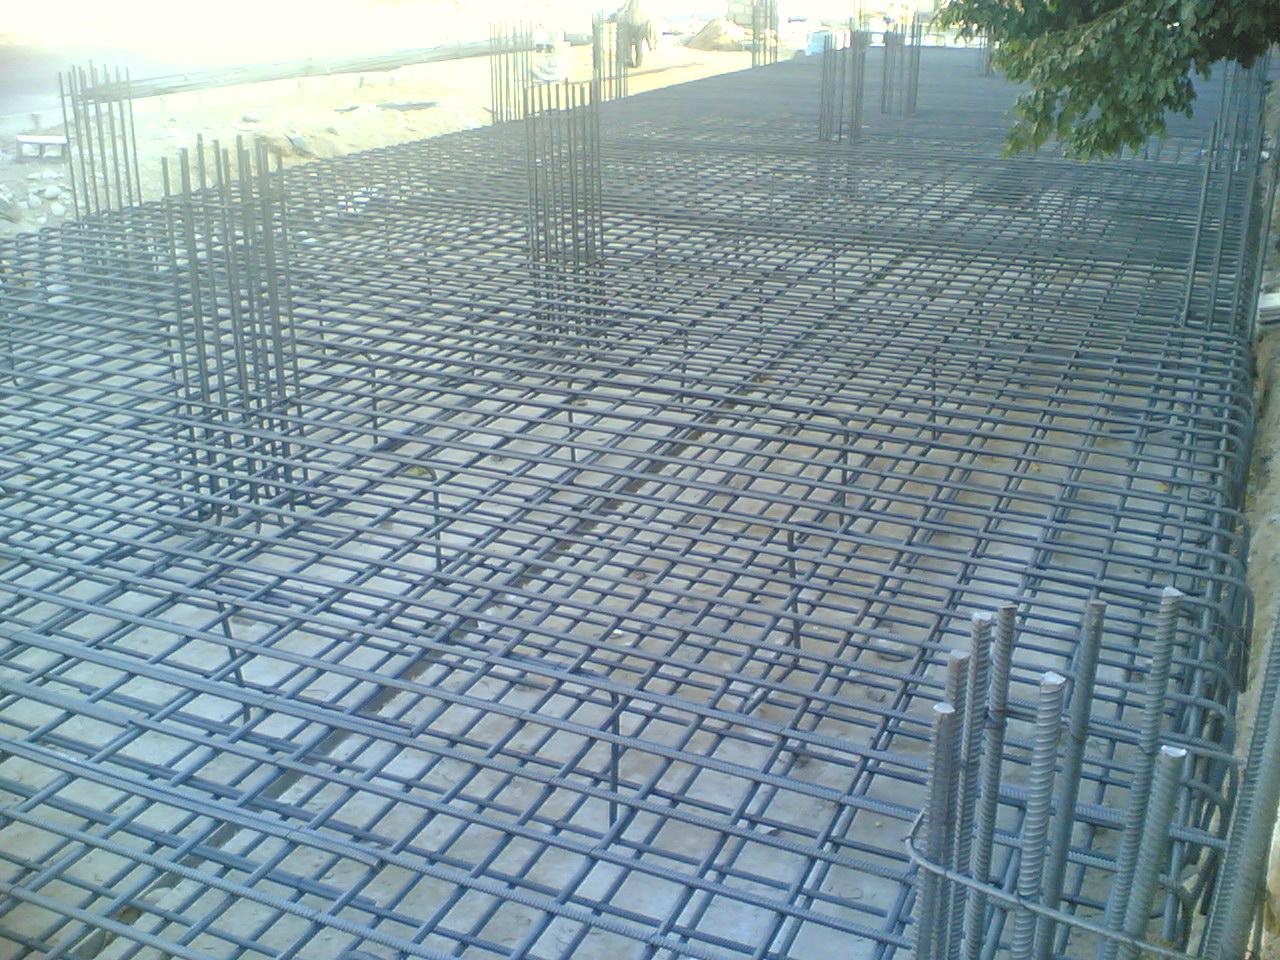 مراحل اجرایی ساختمان سازی [آرشیو] - PHalls تالارهای پارسی پیهالز